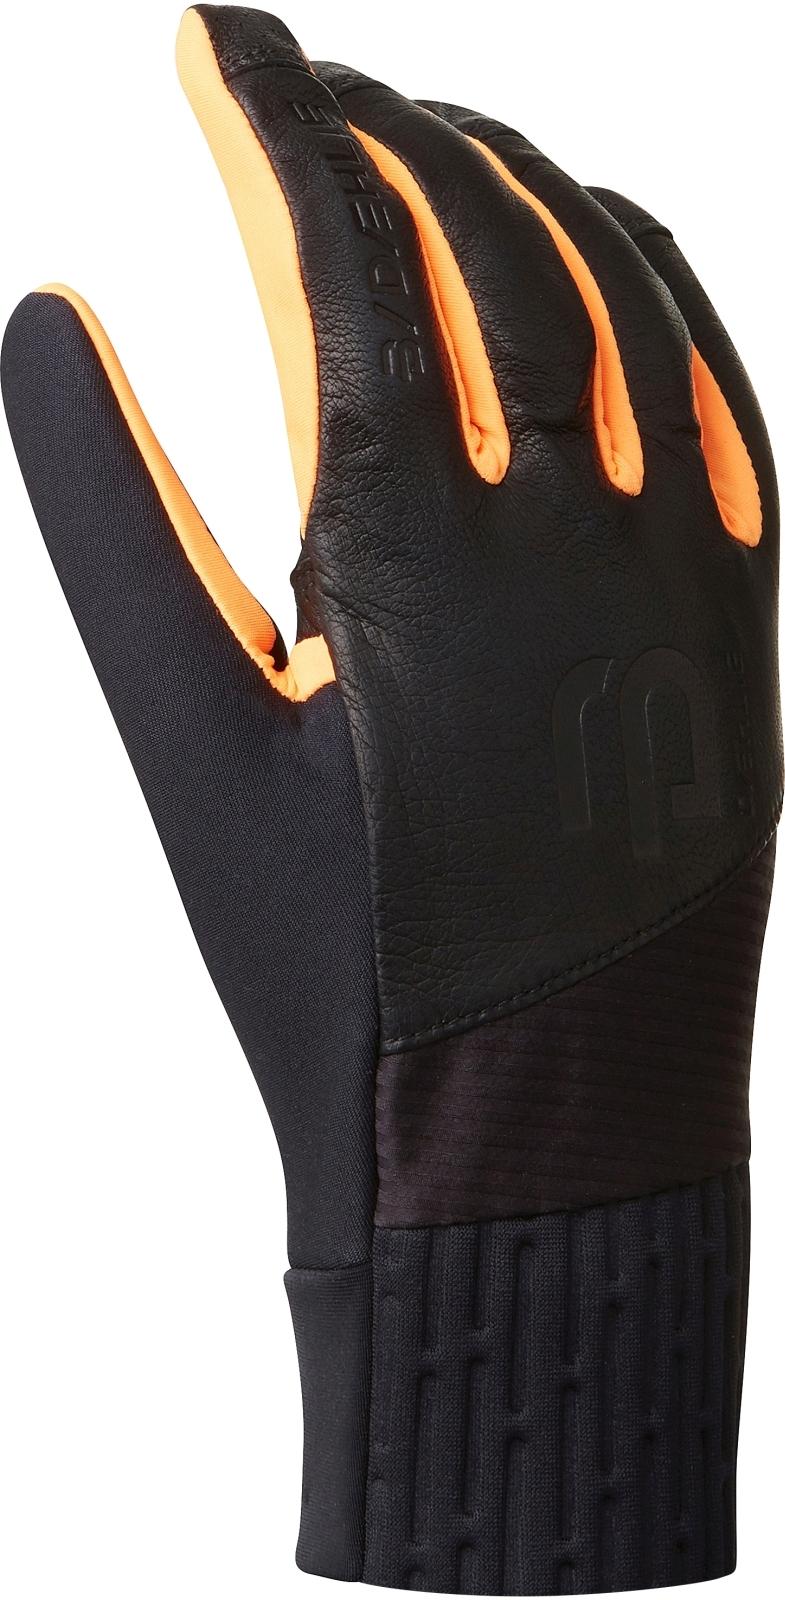 1e0b154320c Běžkařské rukavice Bjorn Daehlie Glove Raw 2.0 - 99900 - Ski a Bike ...